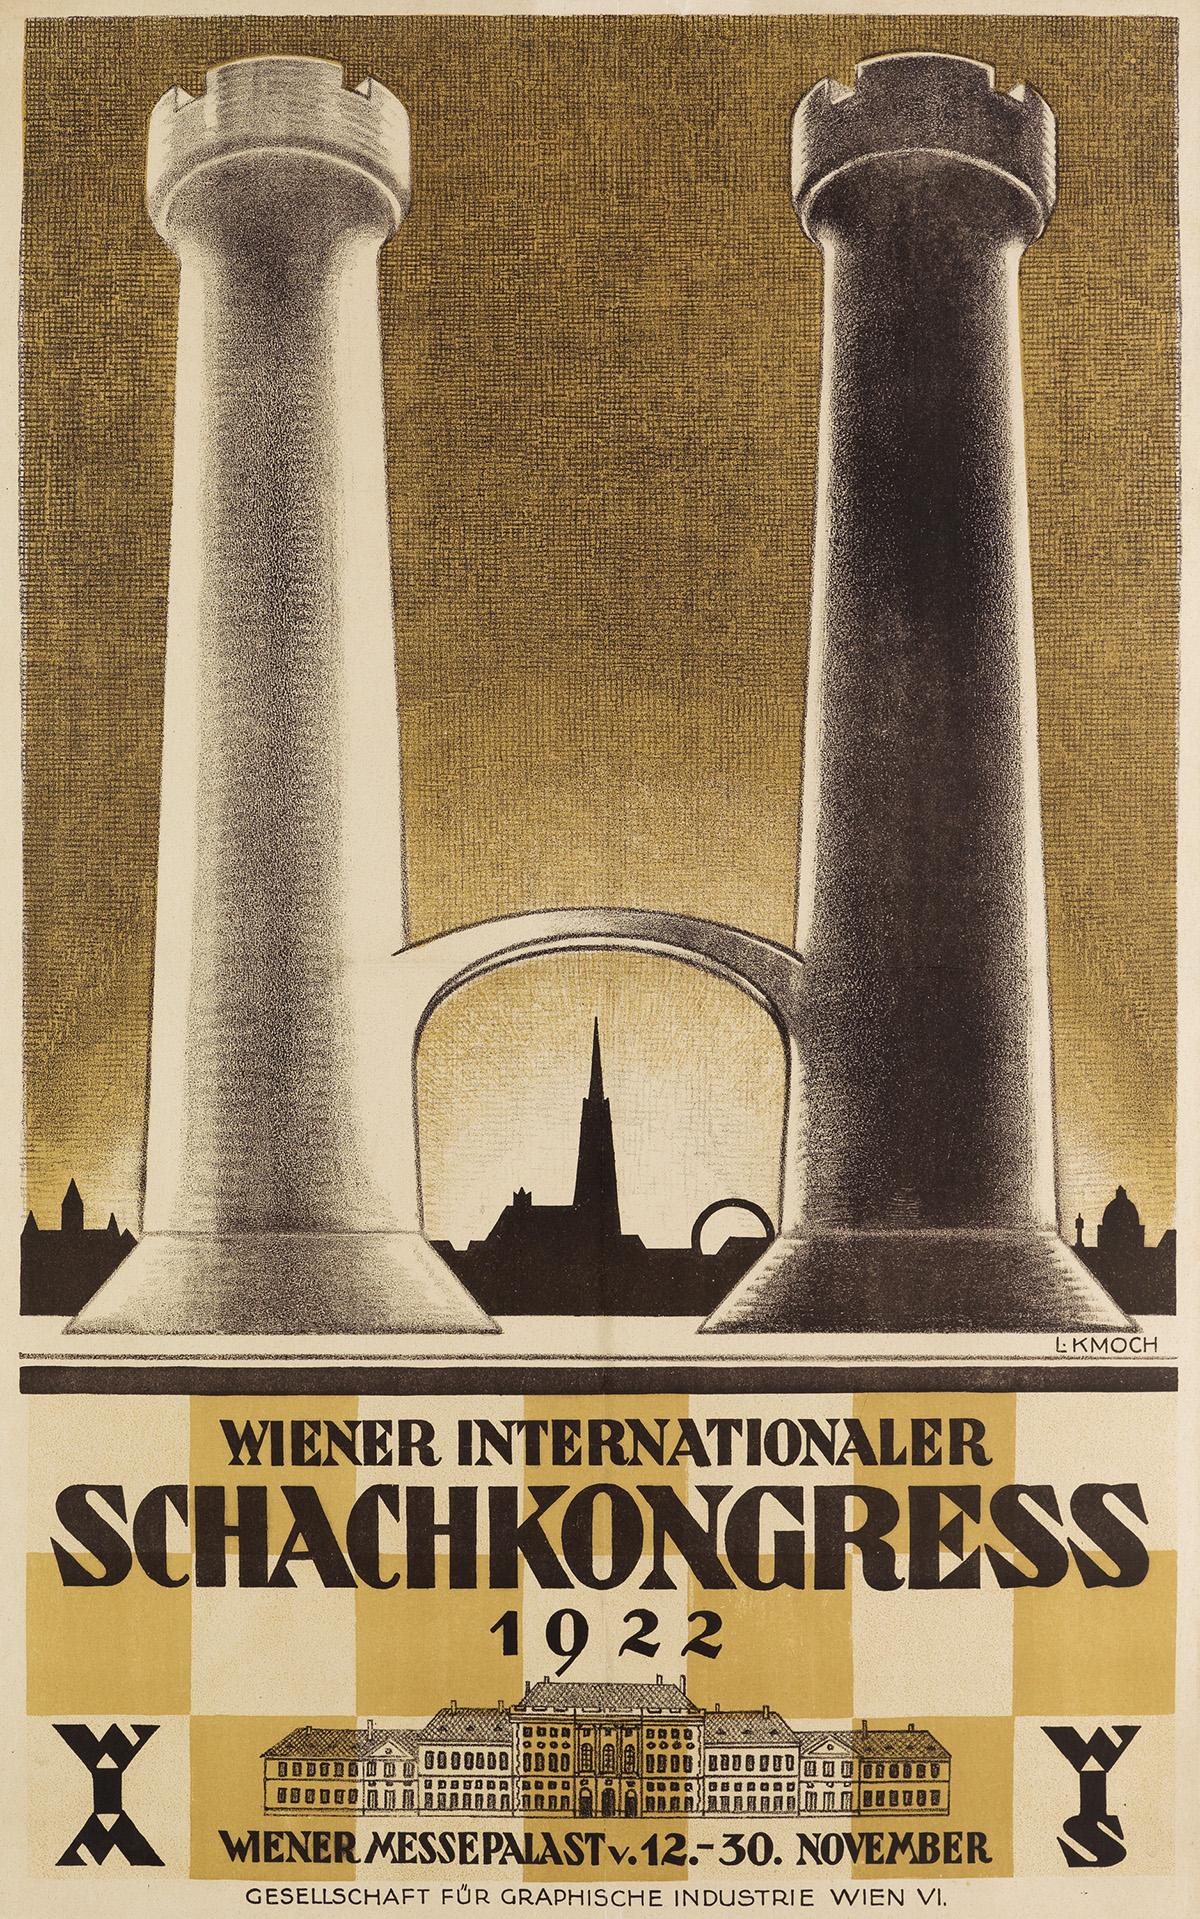 LUDWIG-KMOCH-(1897-1971)-WIENER-INTERNATIONALER-SCHACHKONGRE